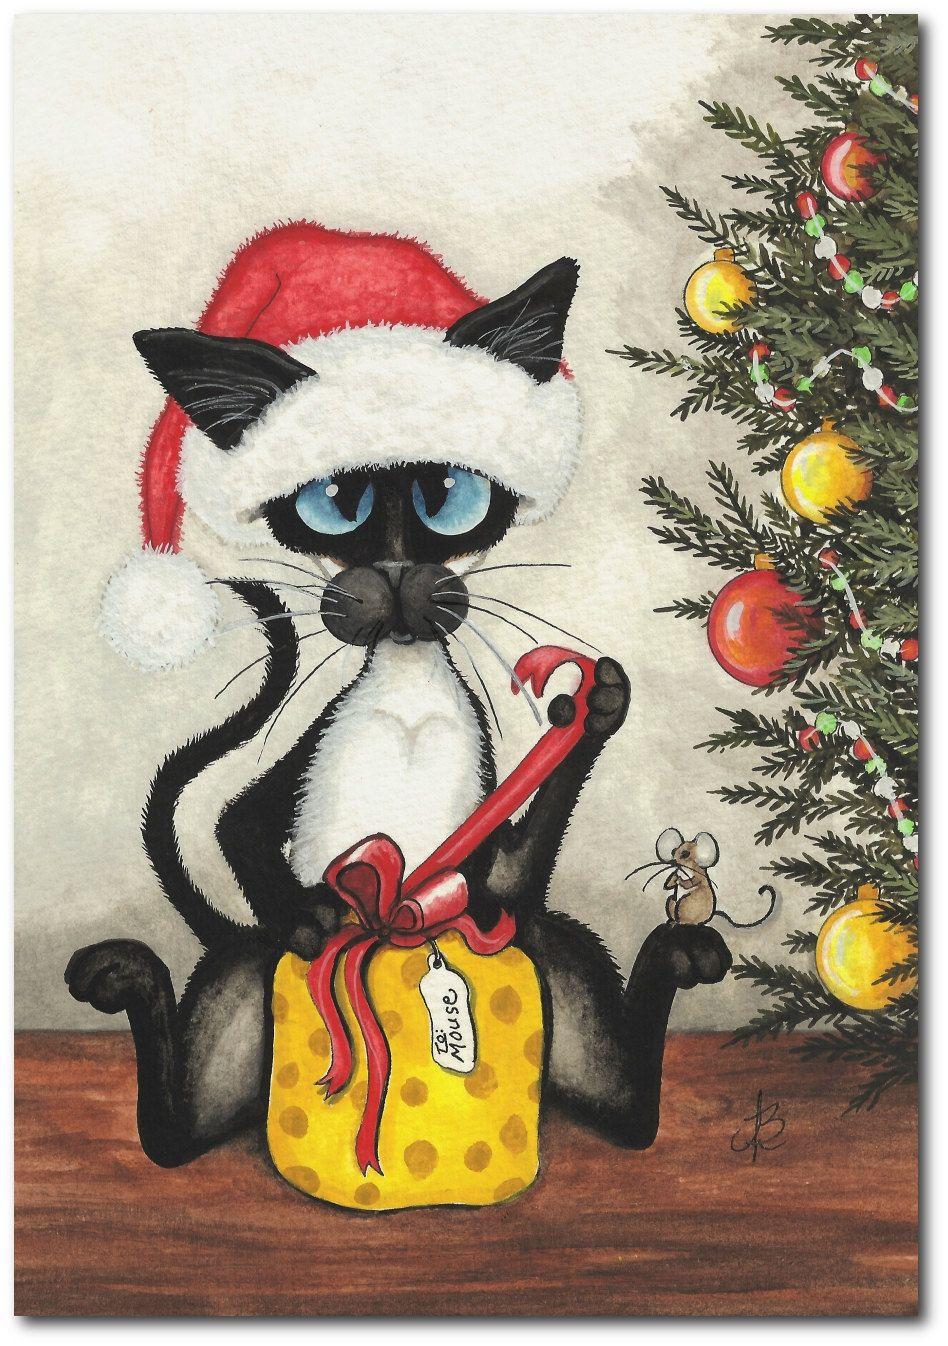 мобильные поздравление на новый год рисунок карандашом котики открывает